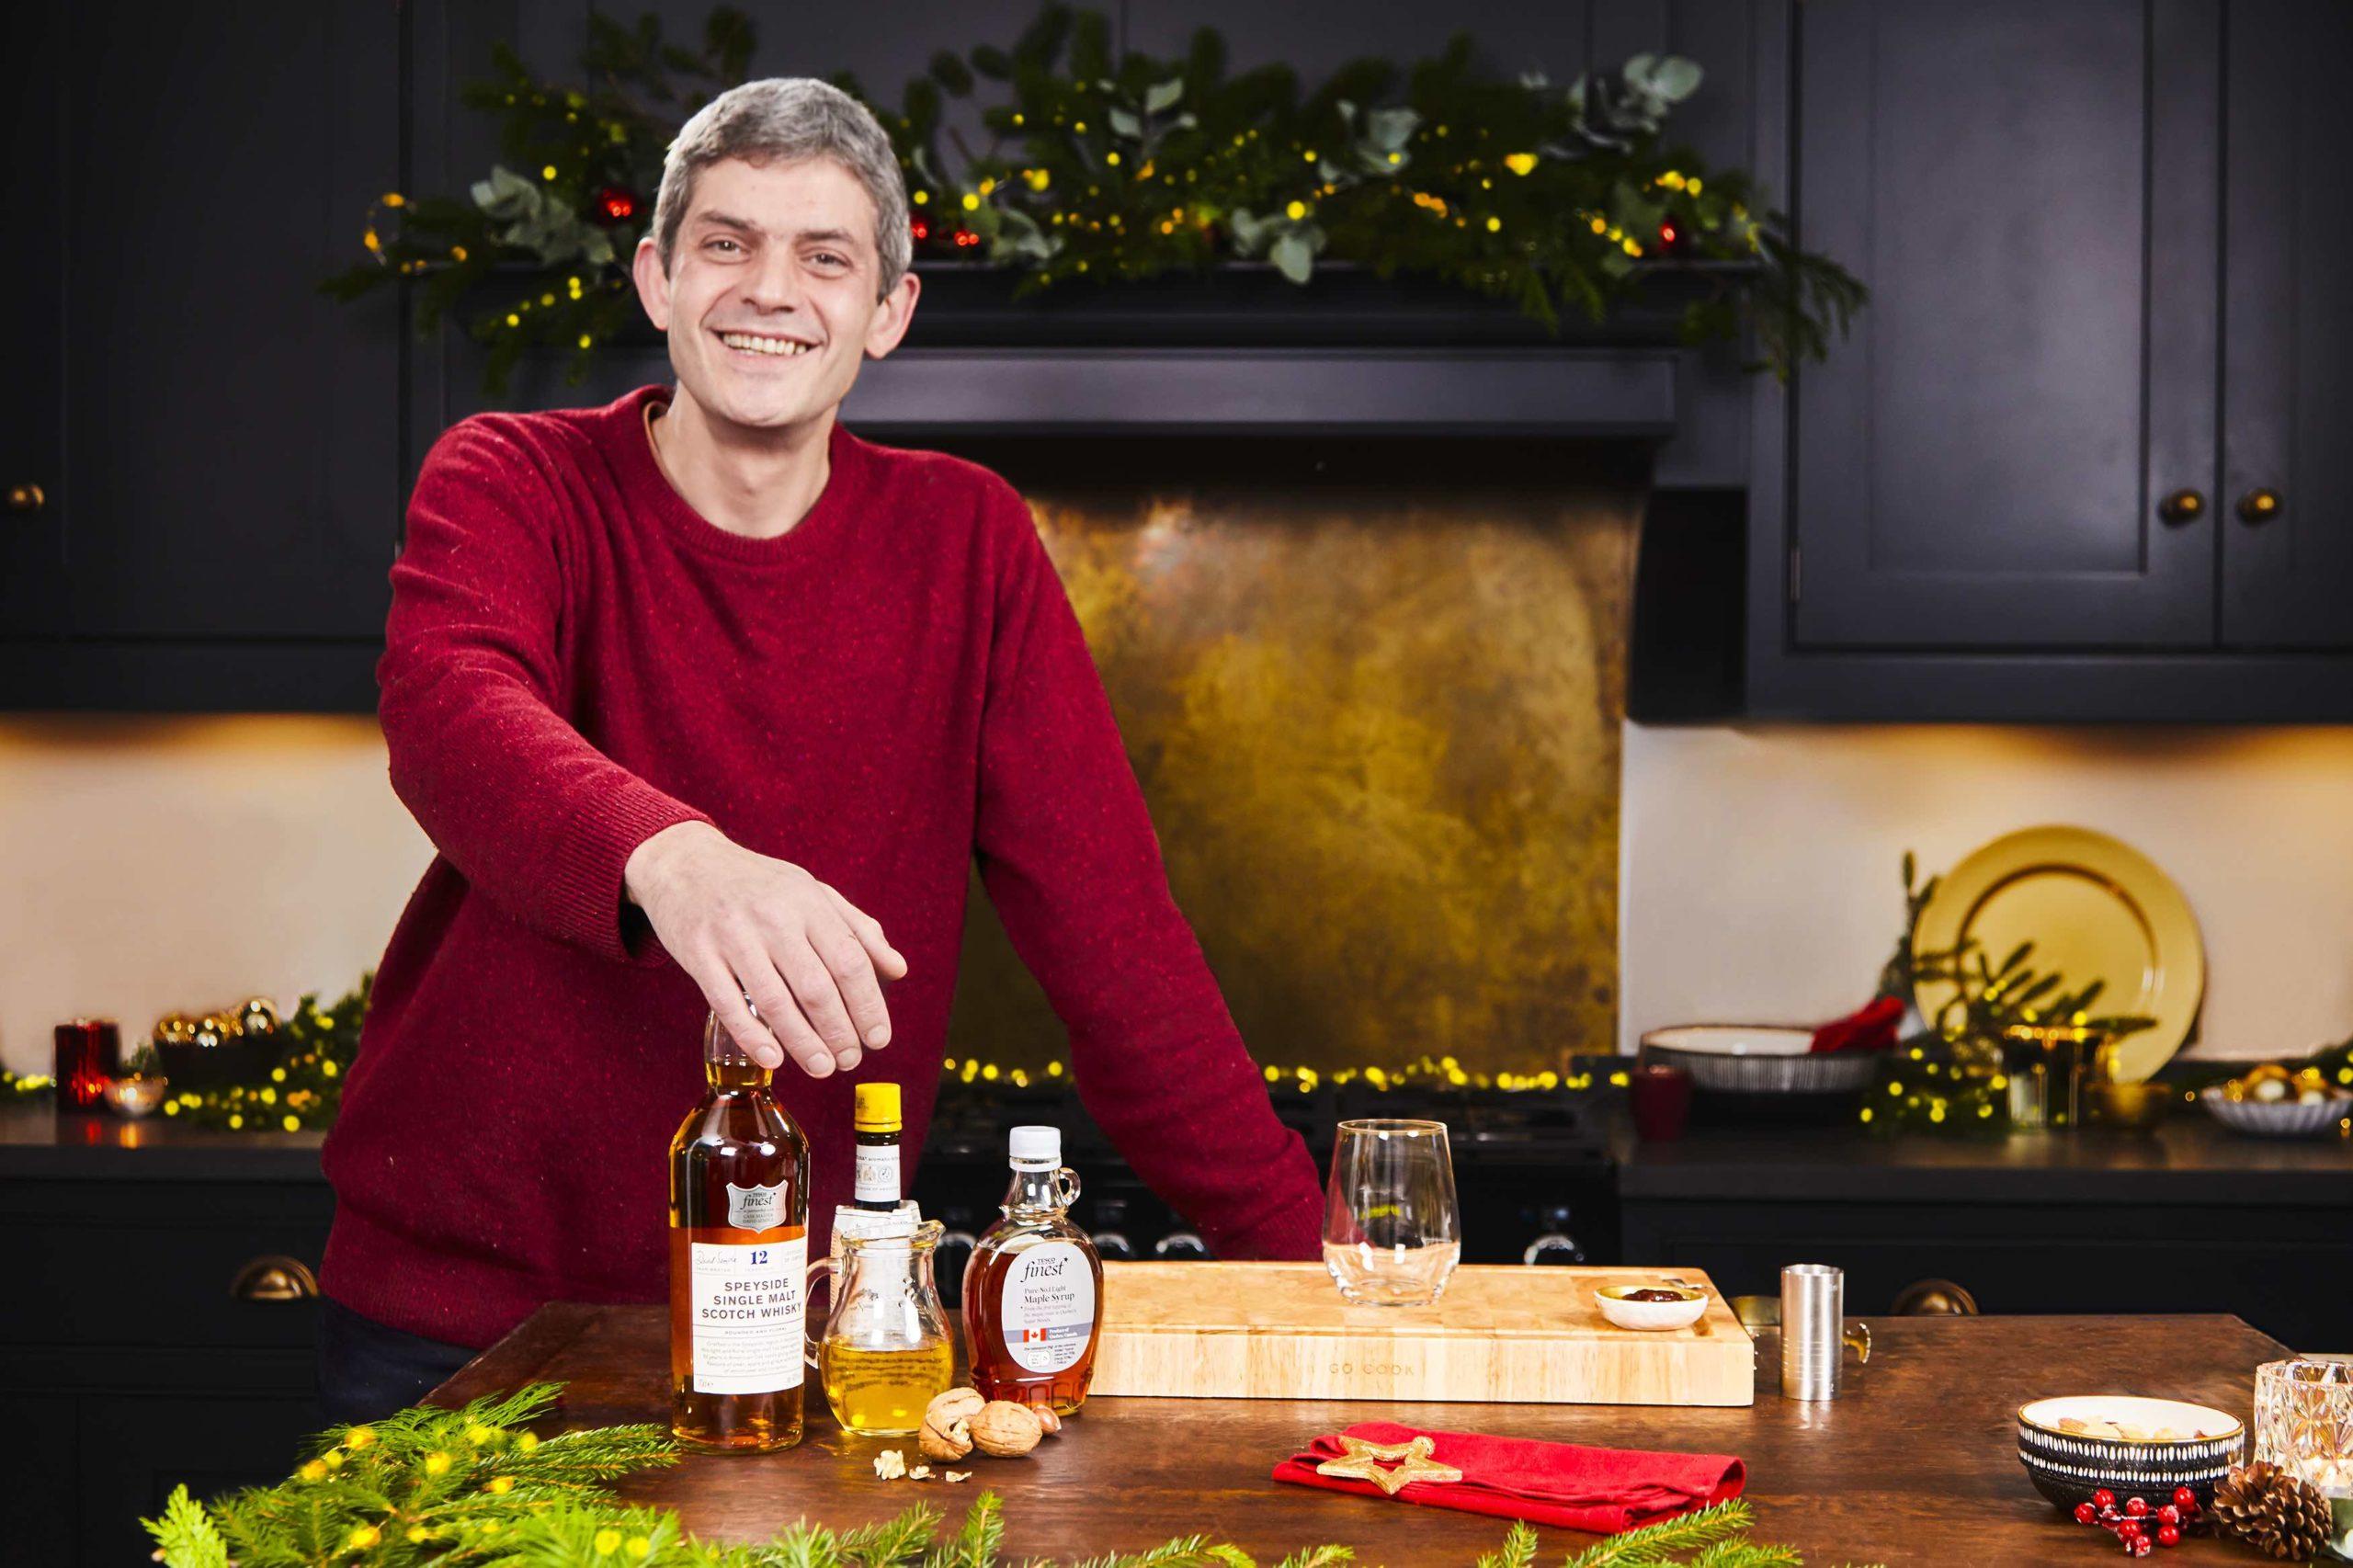 Merlin's Cocktails